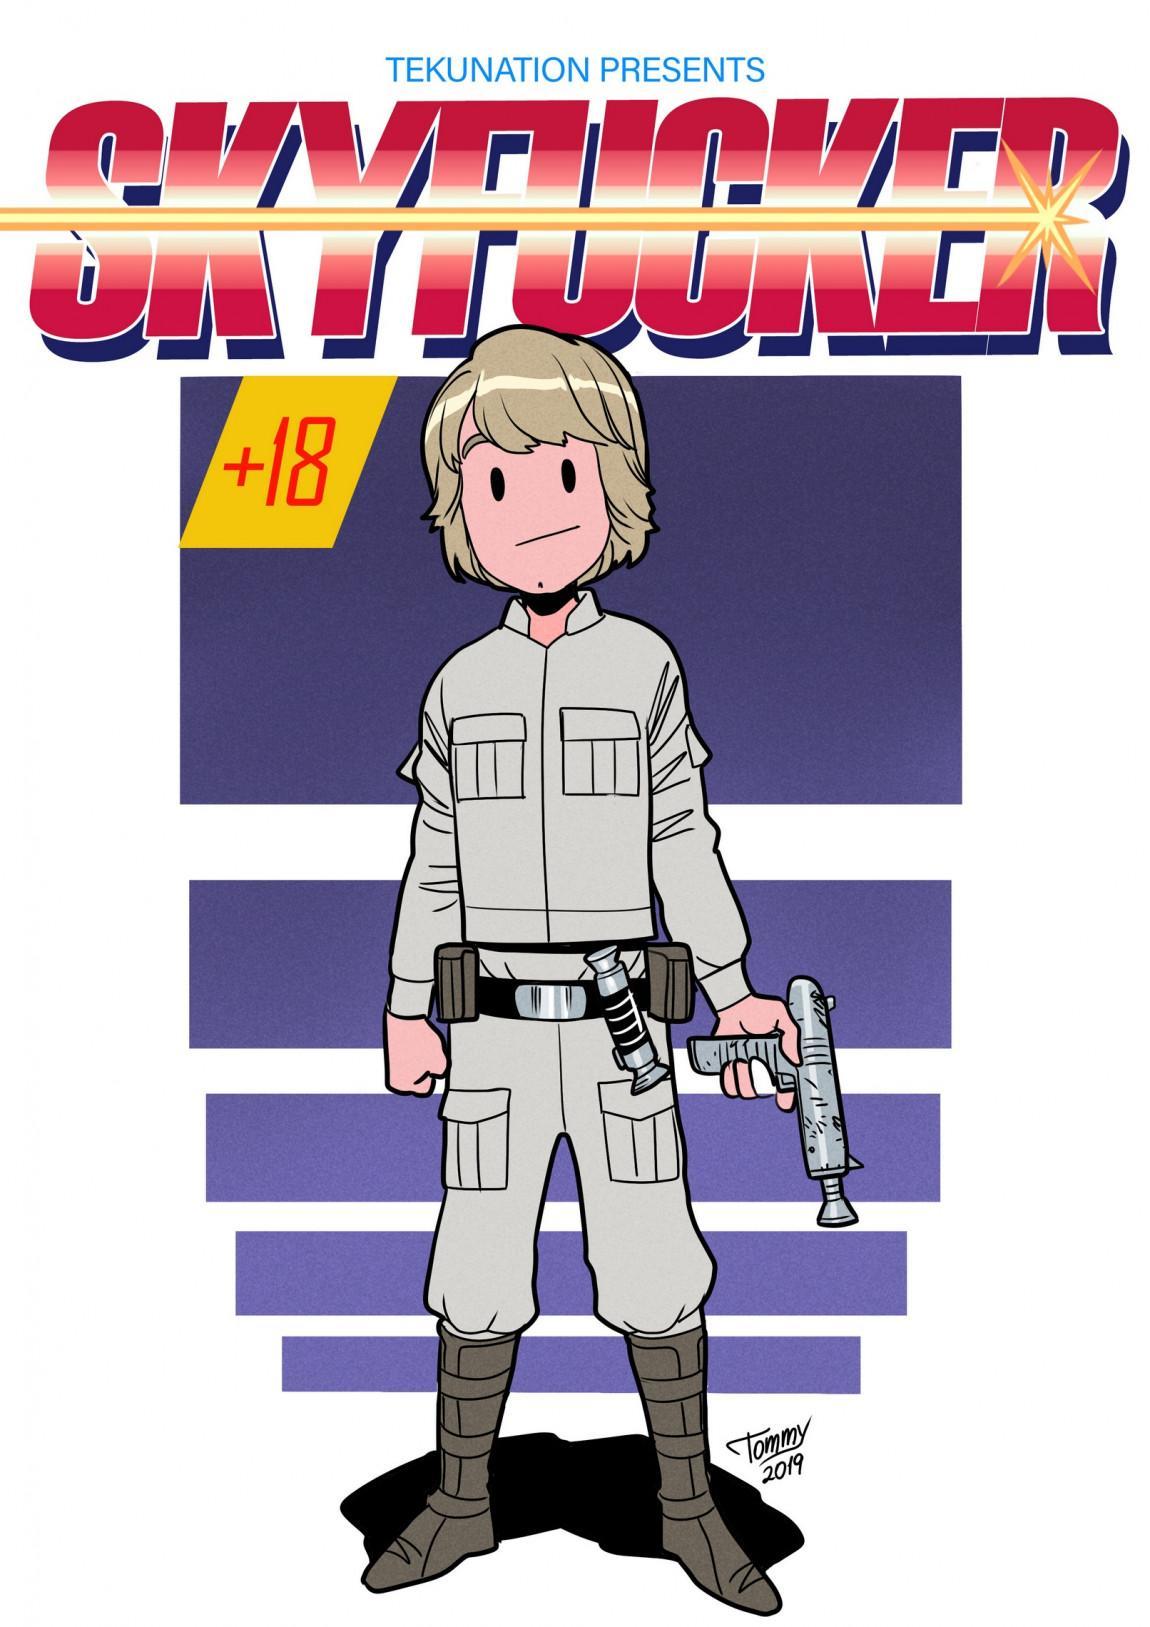 Skyfucker